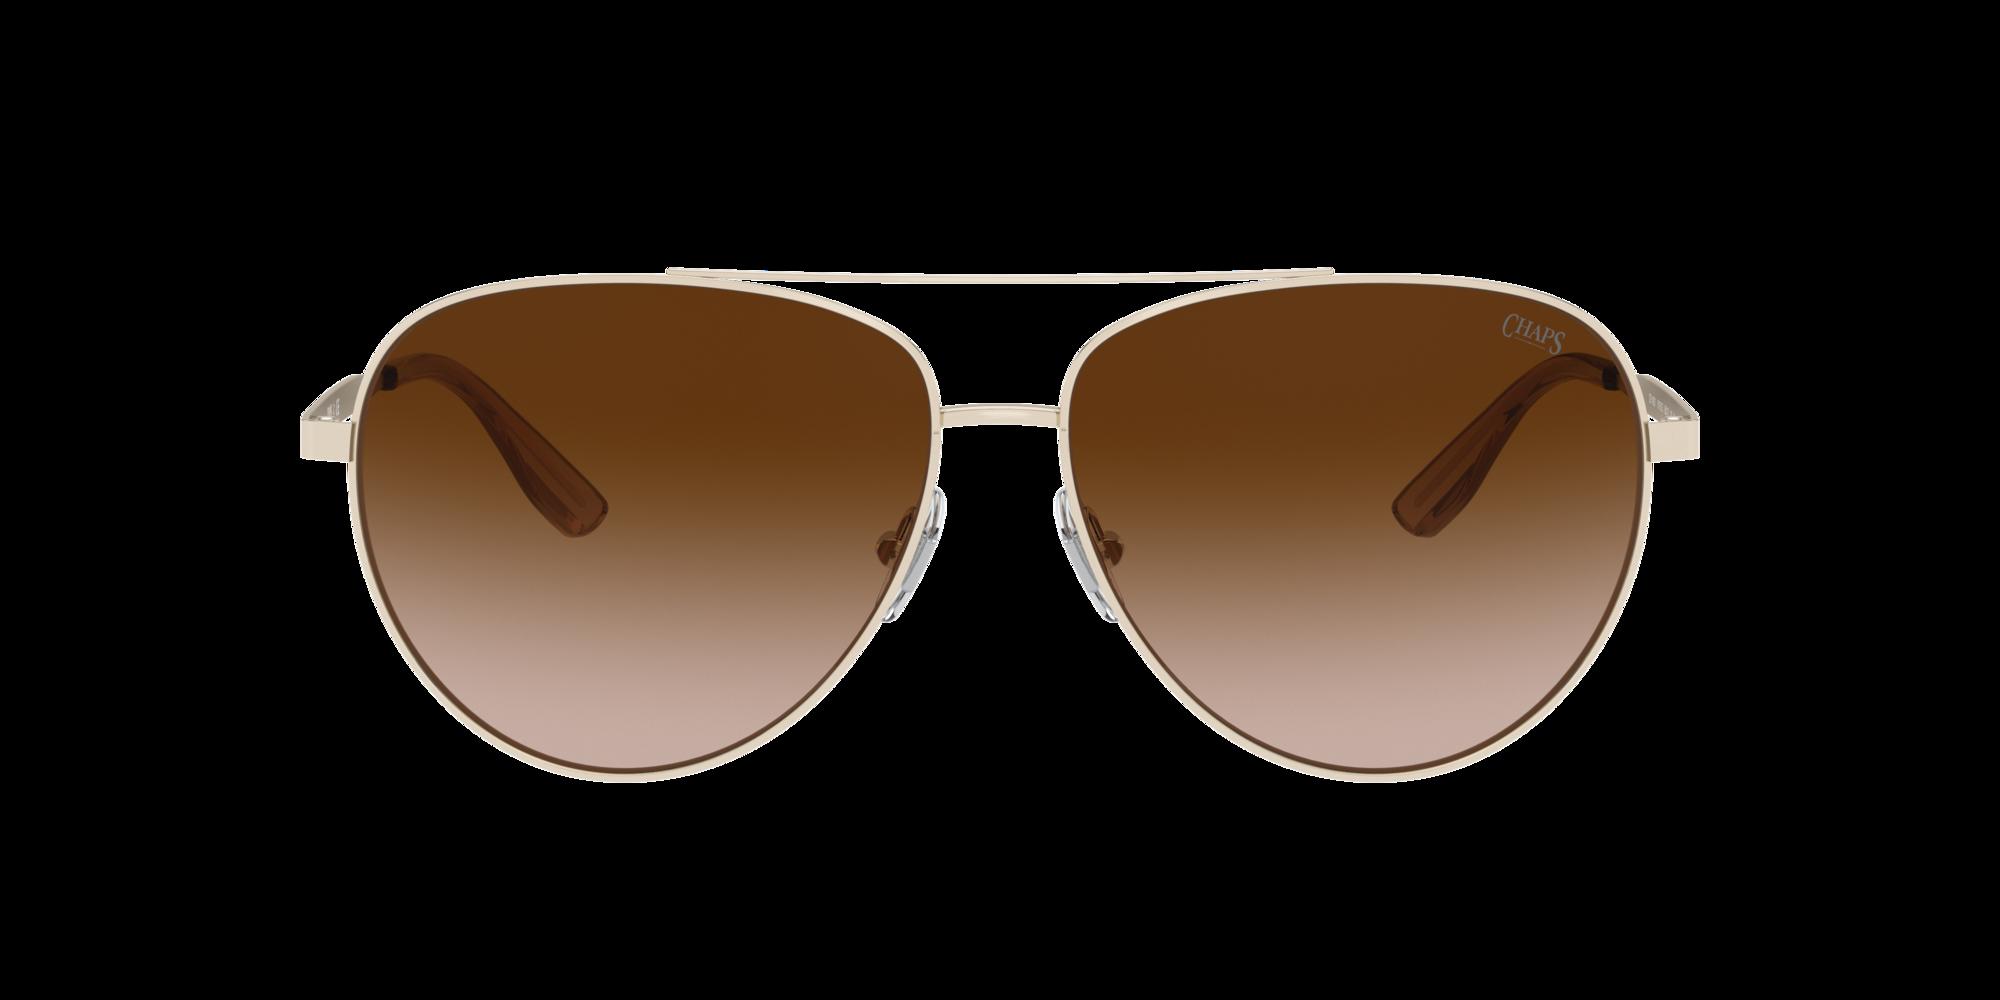 Imagen para CP4001 60 de LensCrafters |  Espejuelos, espejuelos graduados en línea, gafas